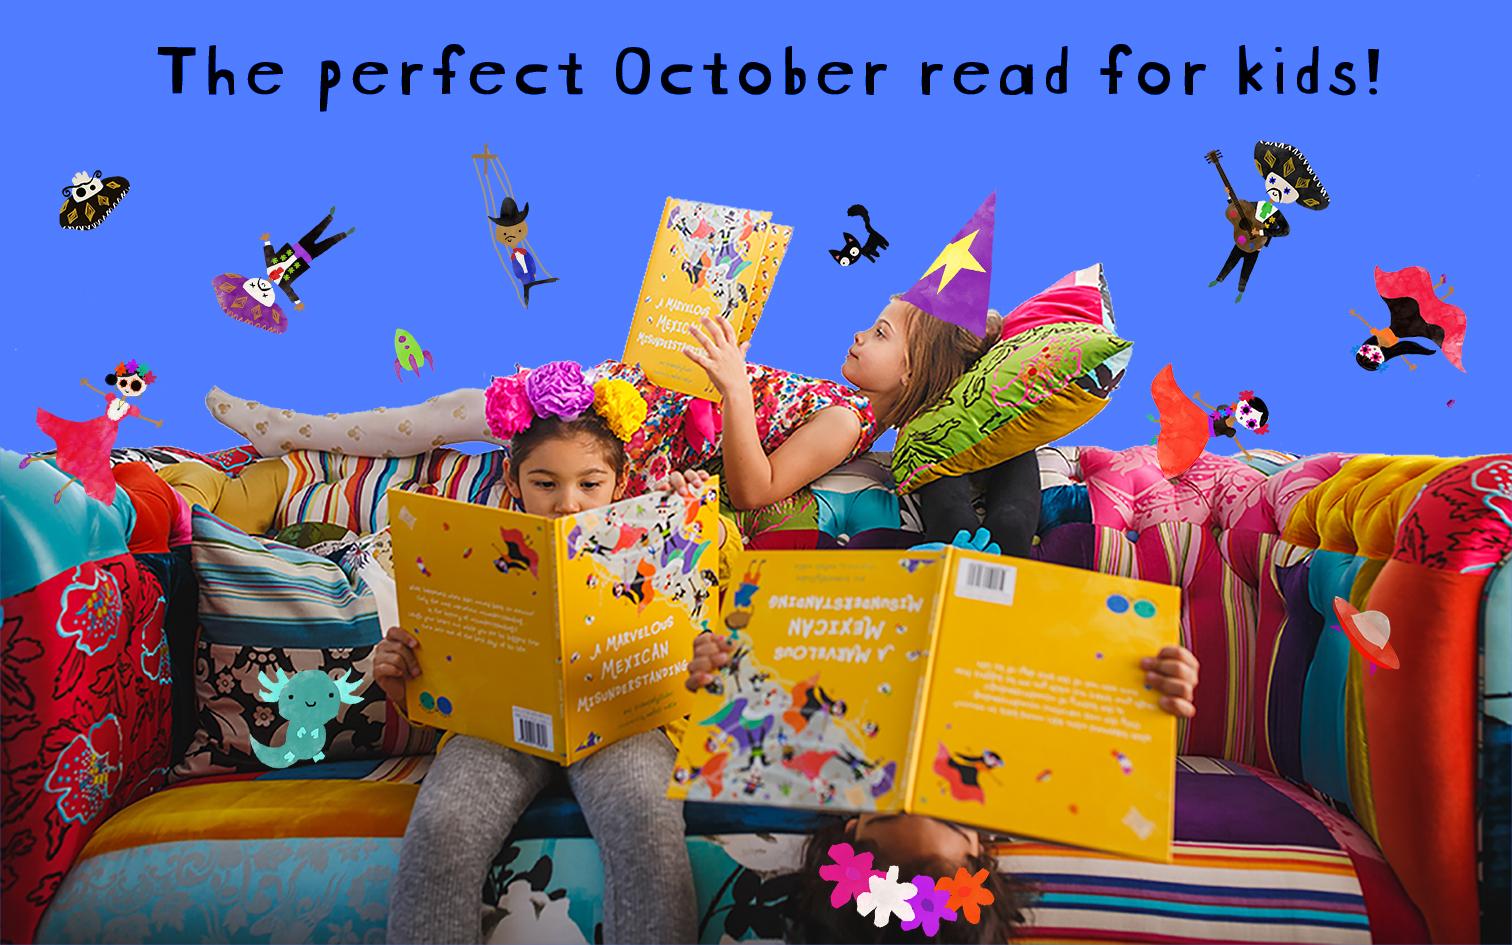 worldwide_buddies_october_read_picturebook.jpg